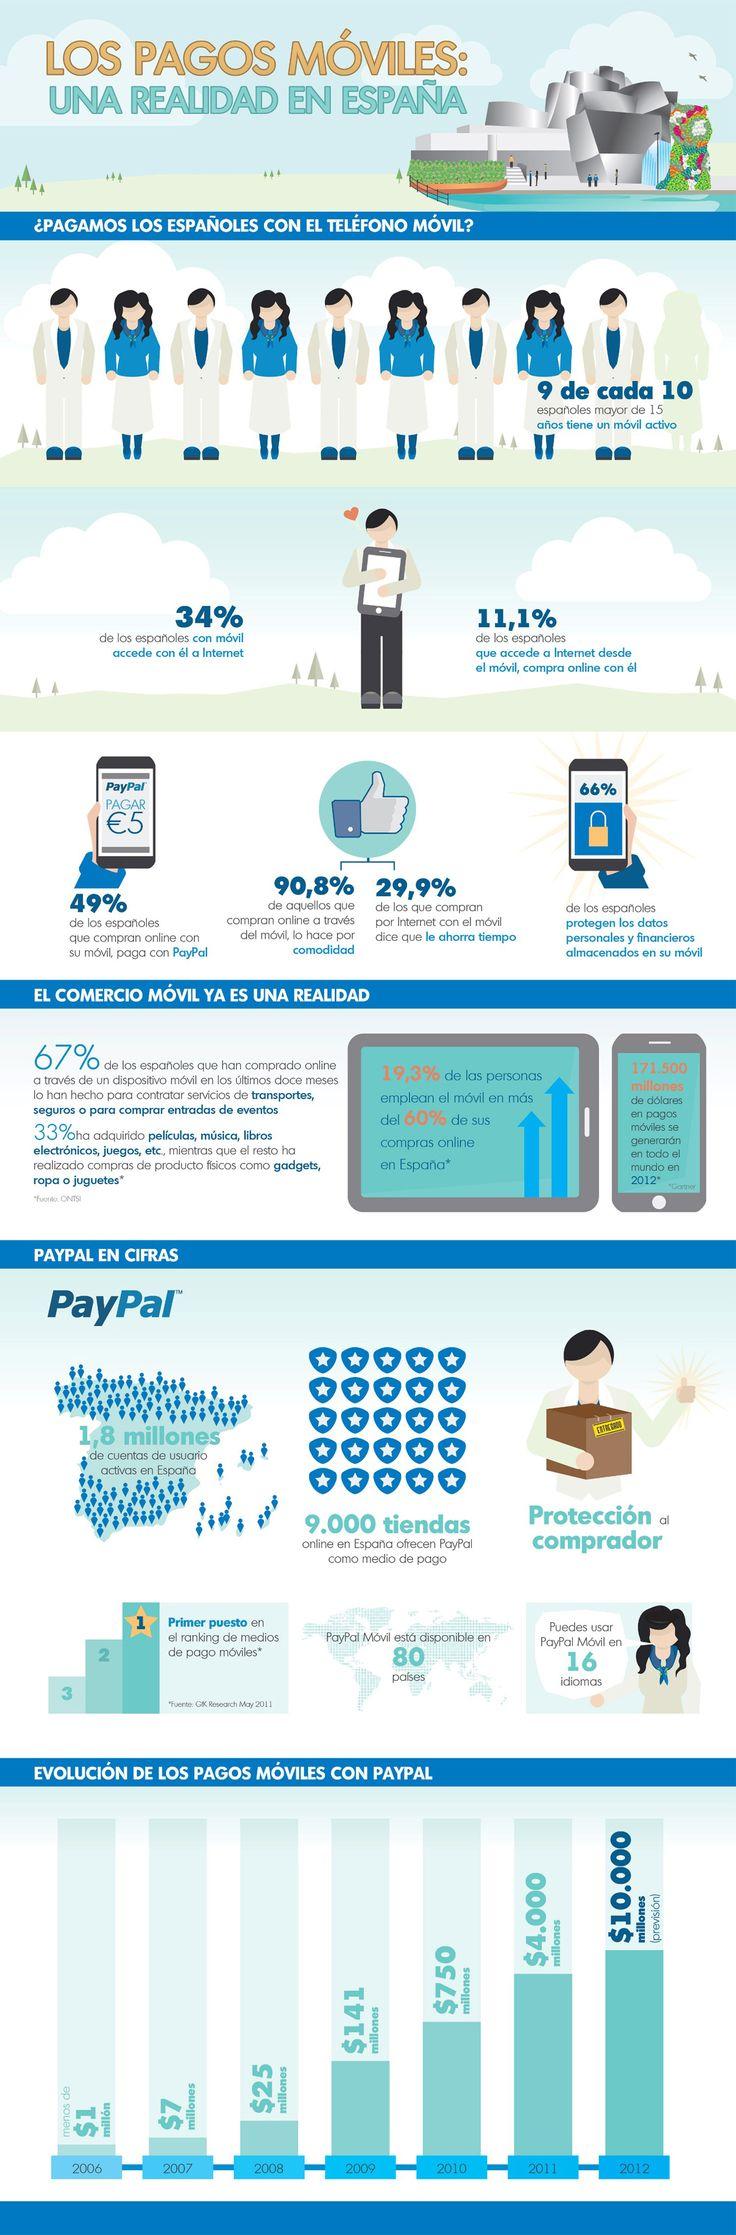 Pagos móviles en España